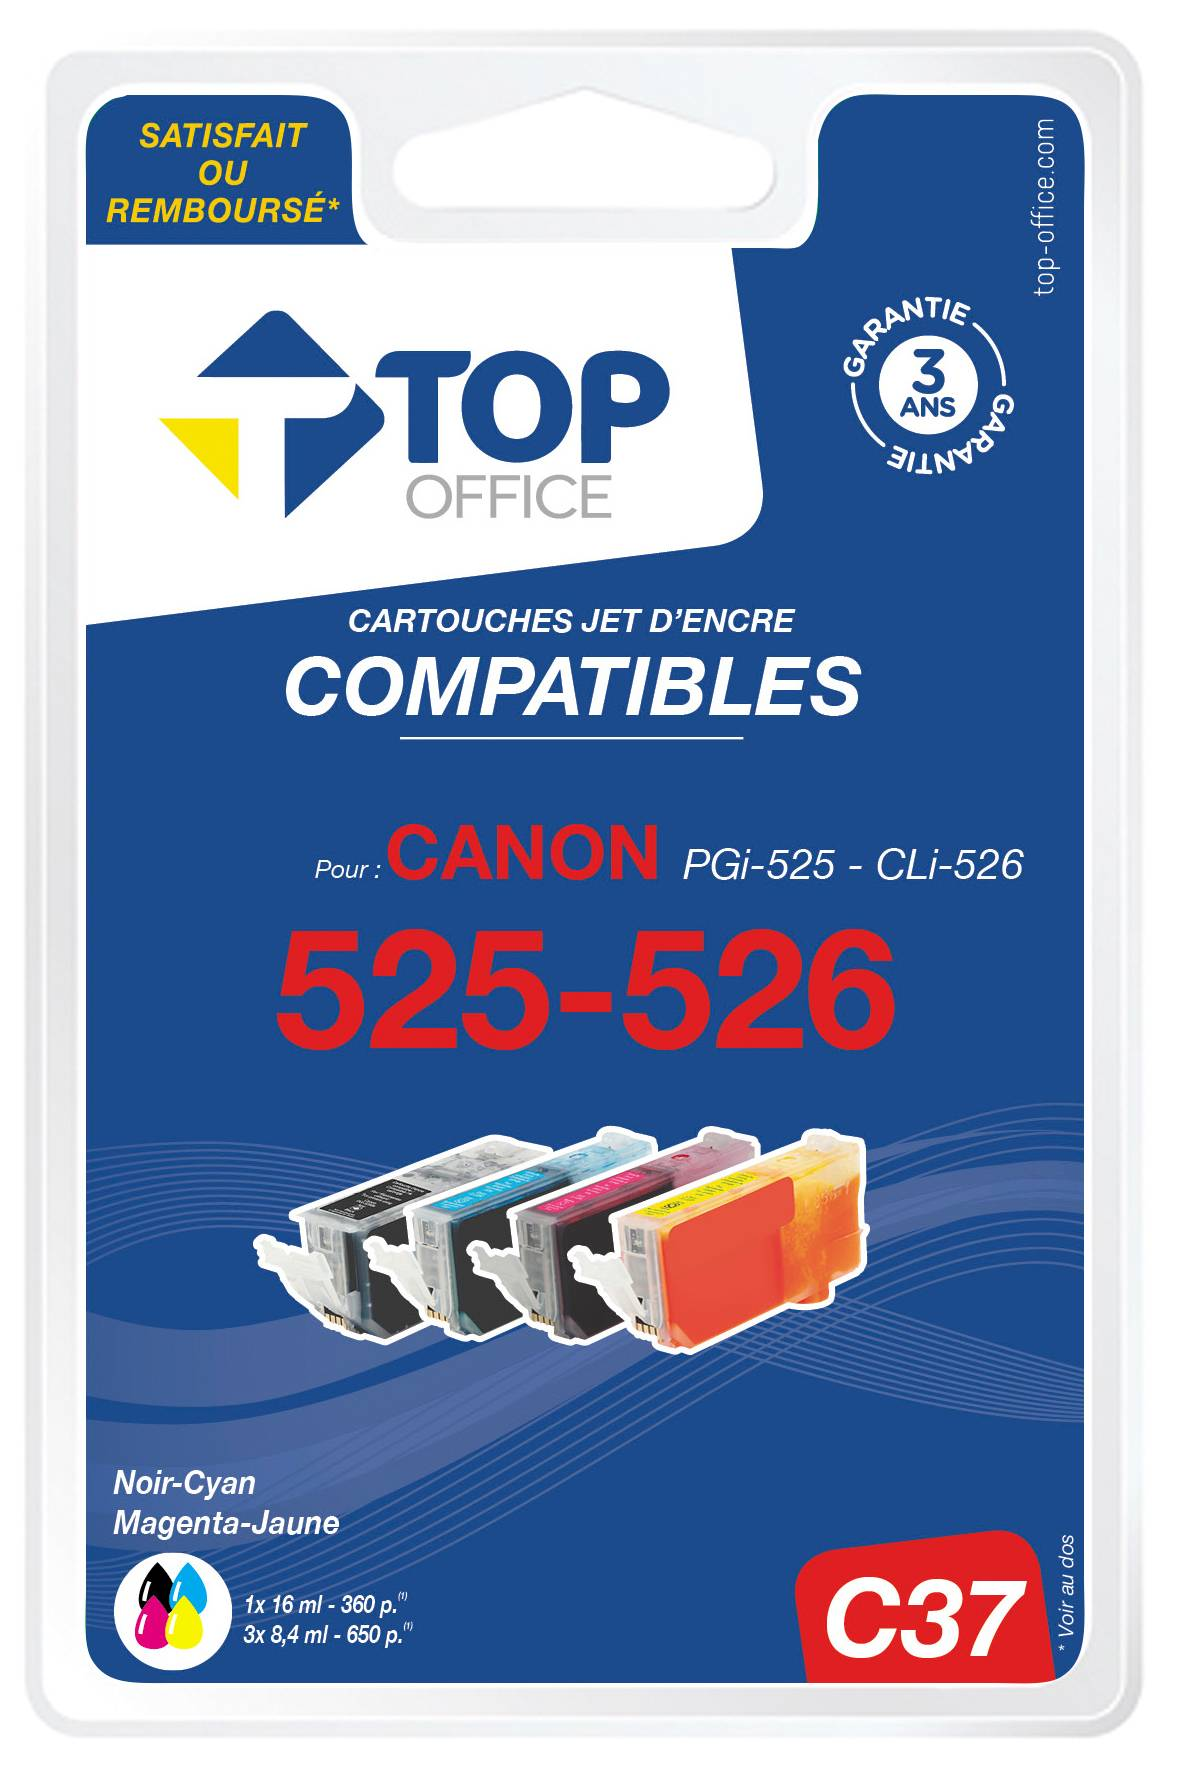 TOP OFFICE Pack de 4 cartouches jet d'encre compatibles CANON PGI-525 et CLI-526